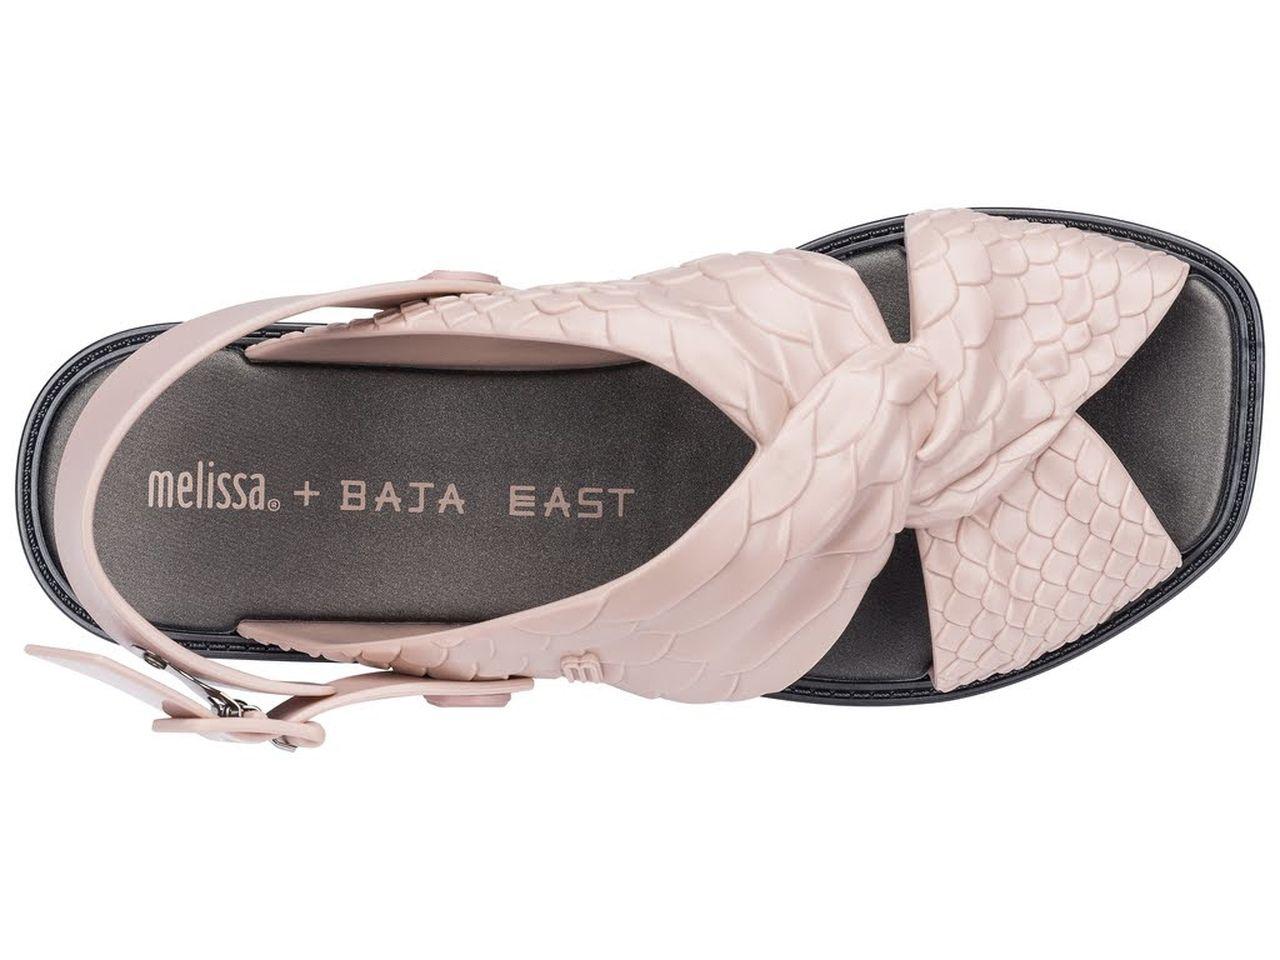 Sandália MELISSA SAUCE SANDAL + BAJA EAST